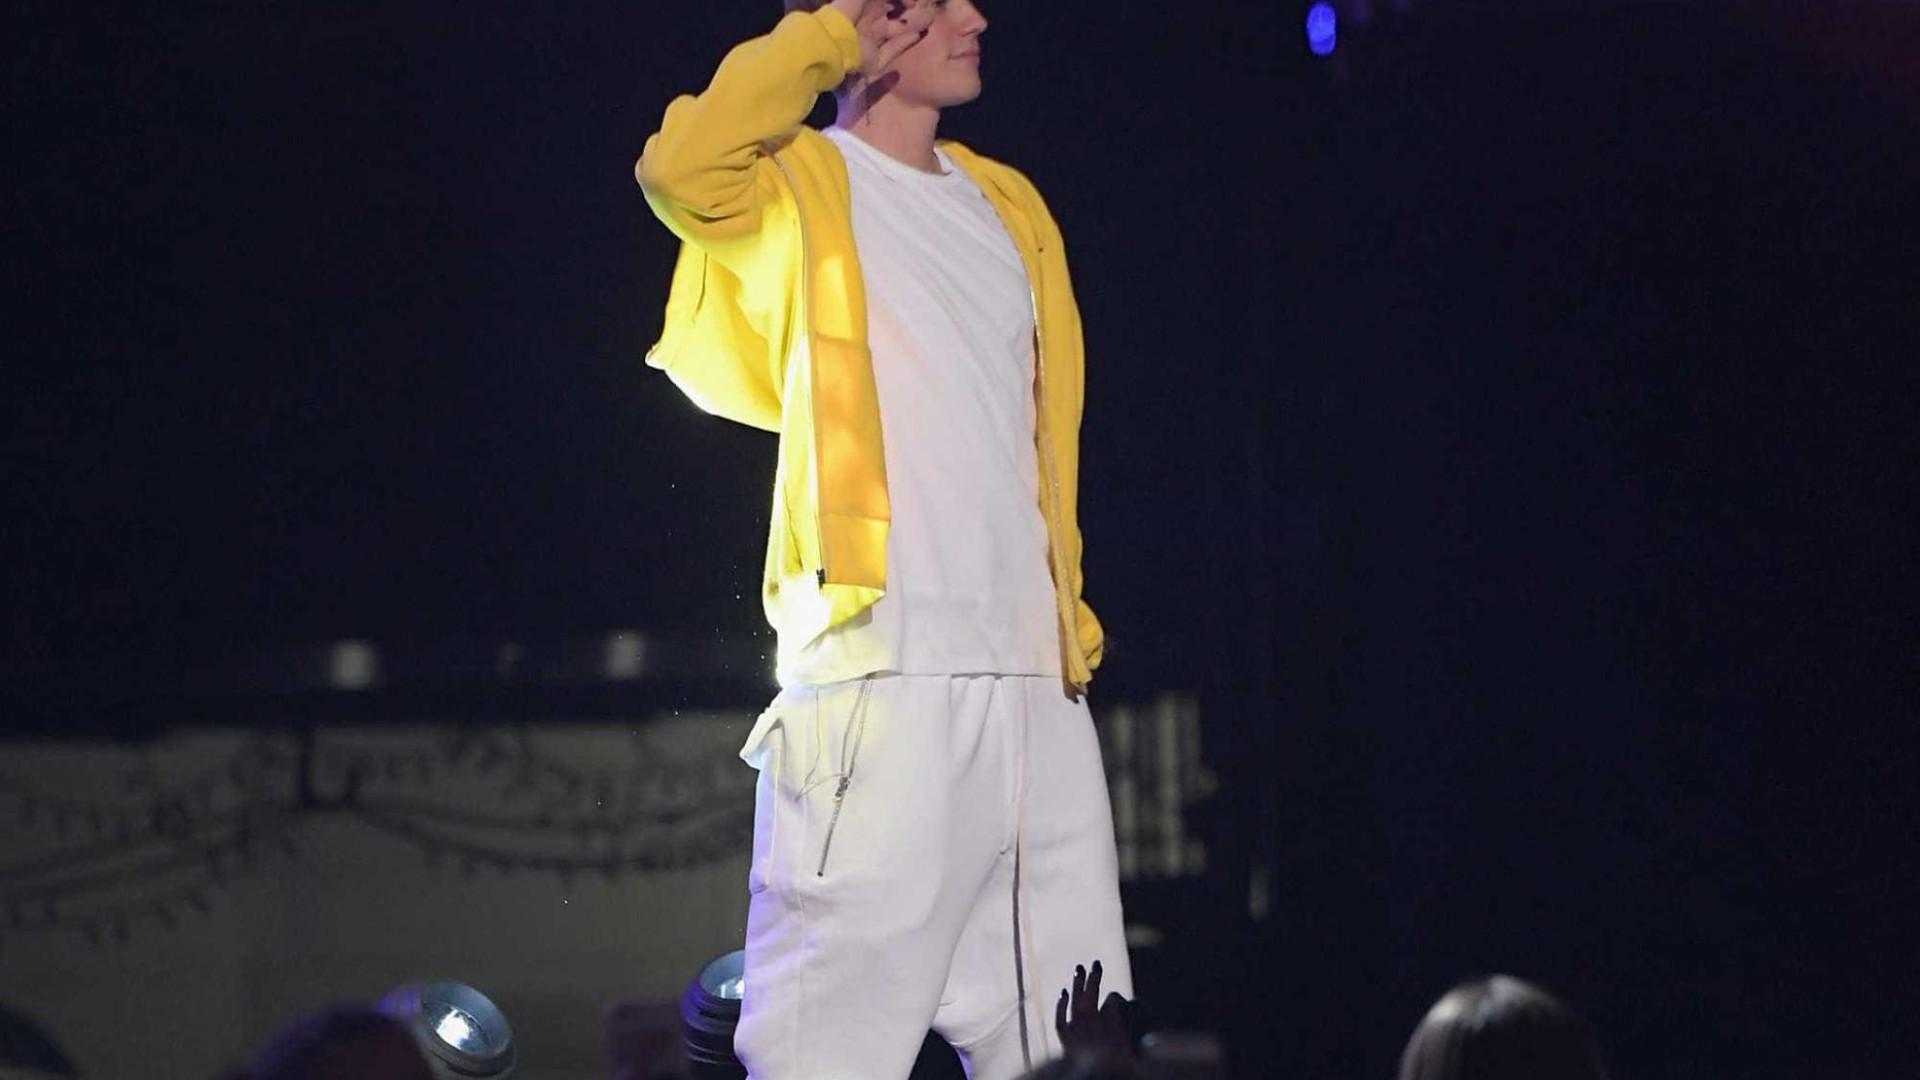 Justin Bieber reaproxima-se do pai em momento difícil